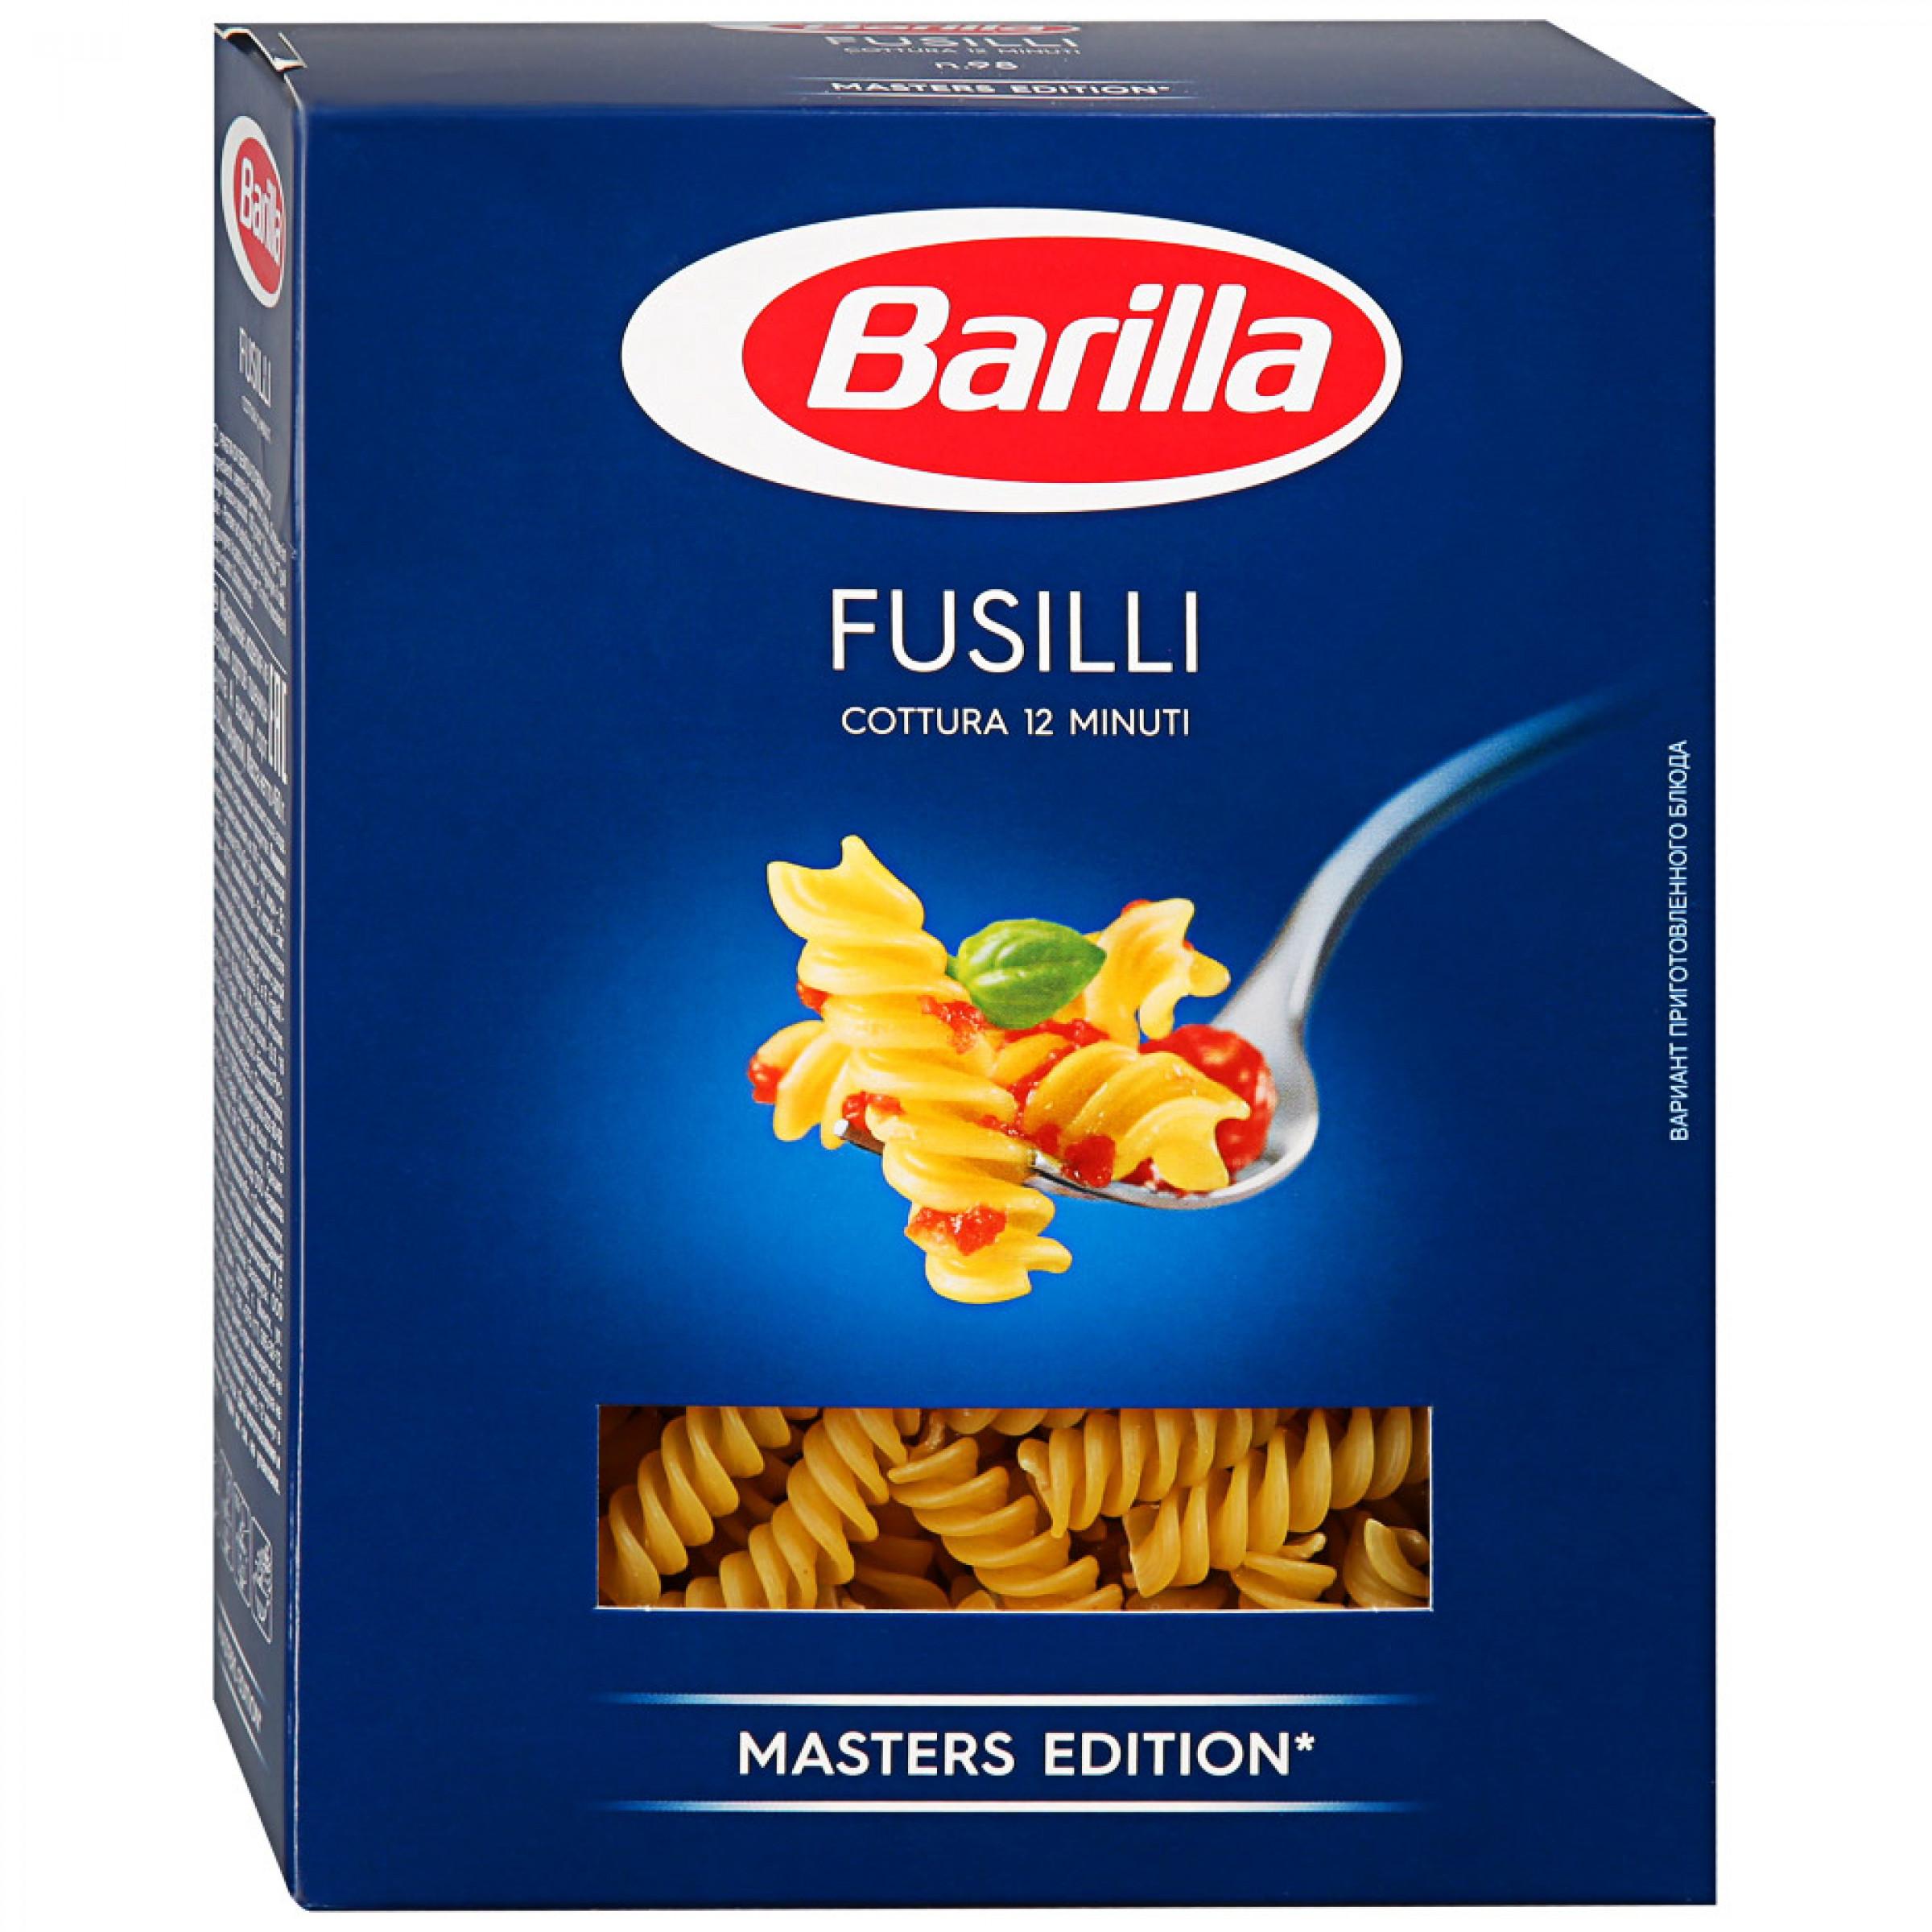 Макароны BARILLA спиральки FUSILLI, 450 гр